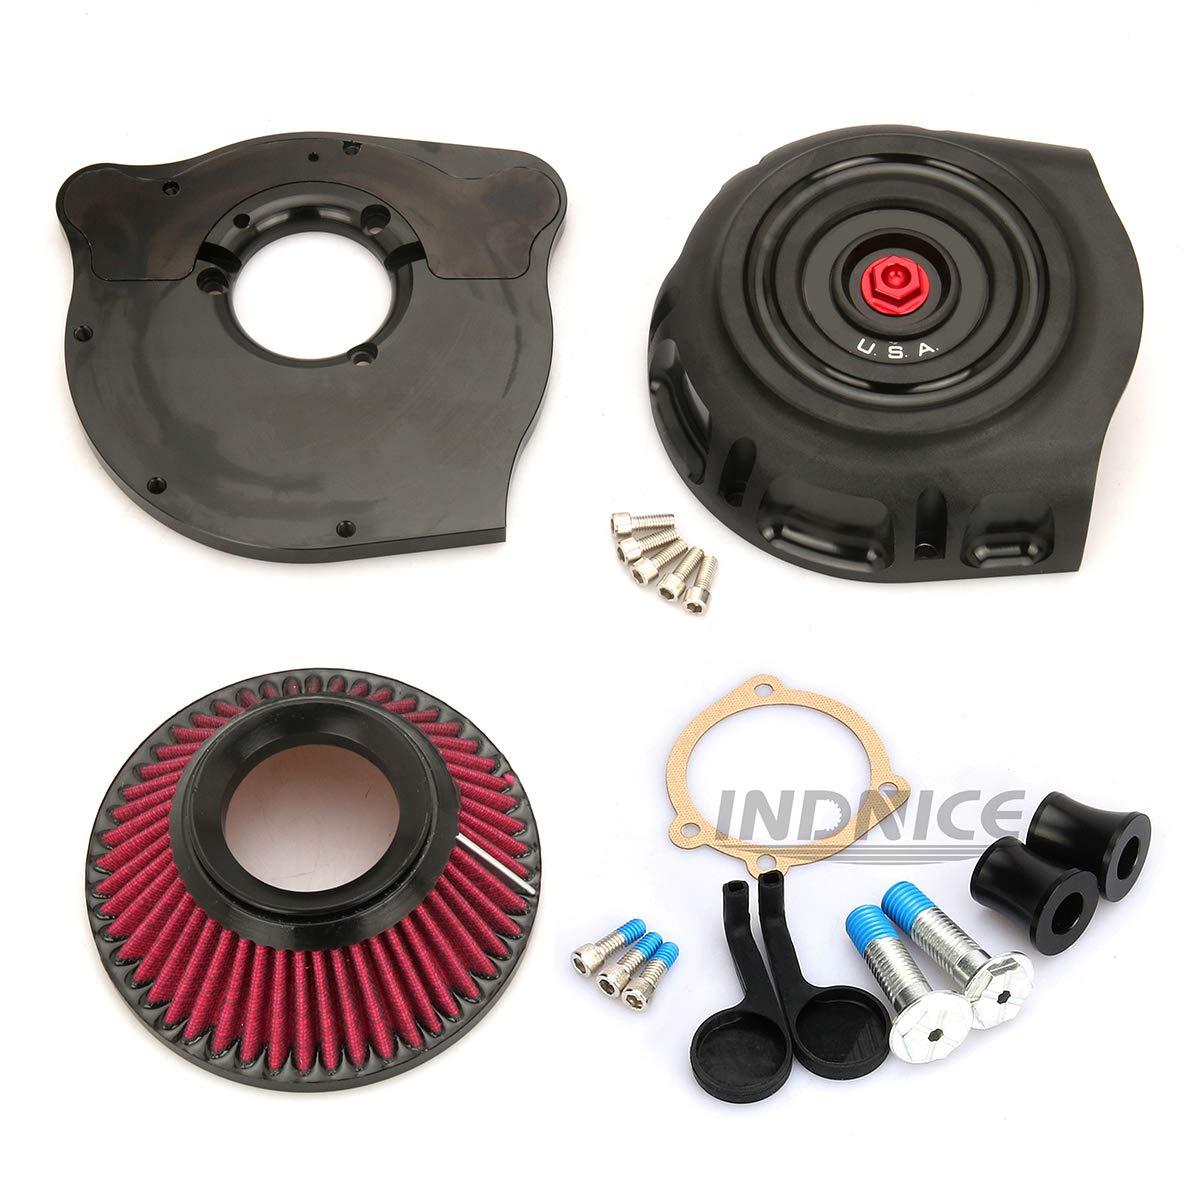 /Épurateur dair noir Vintage CNC Pour /épurateurs dair 883 sportster XL1200 1991-2019 48 72